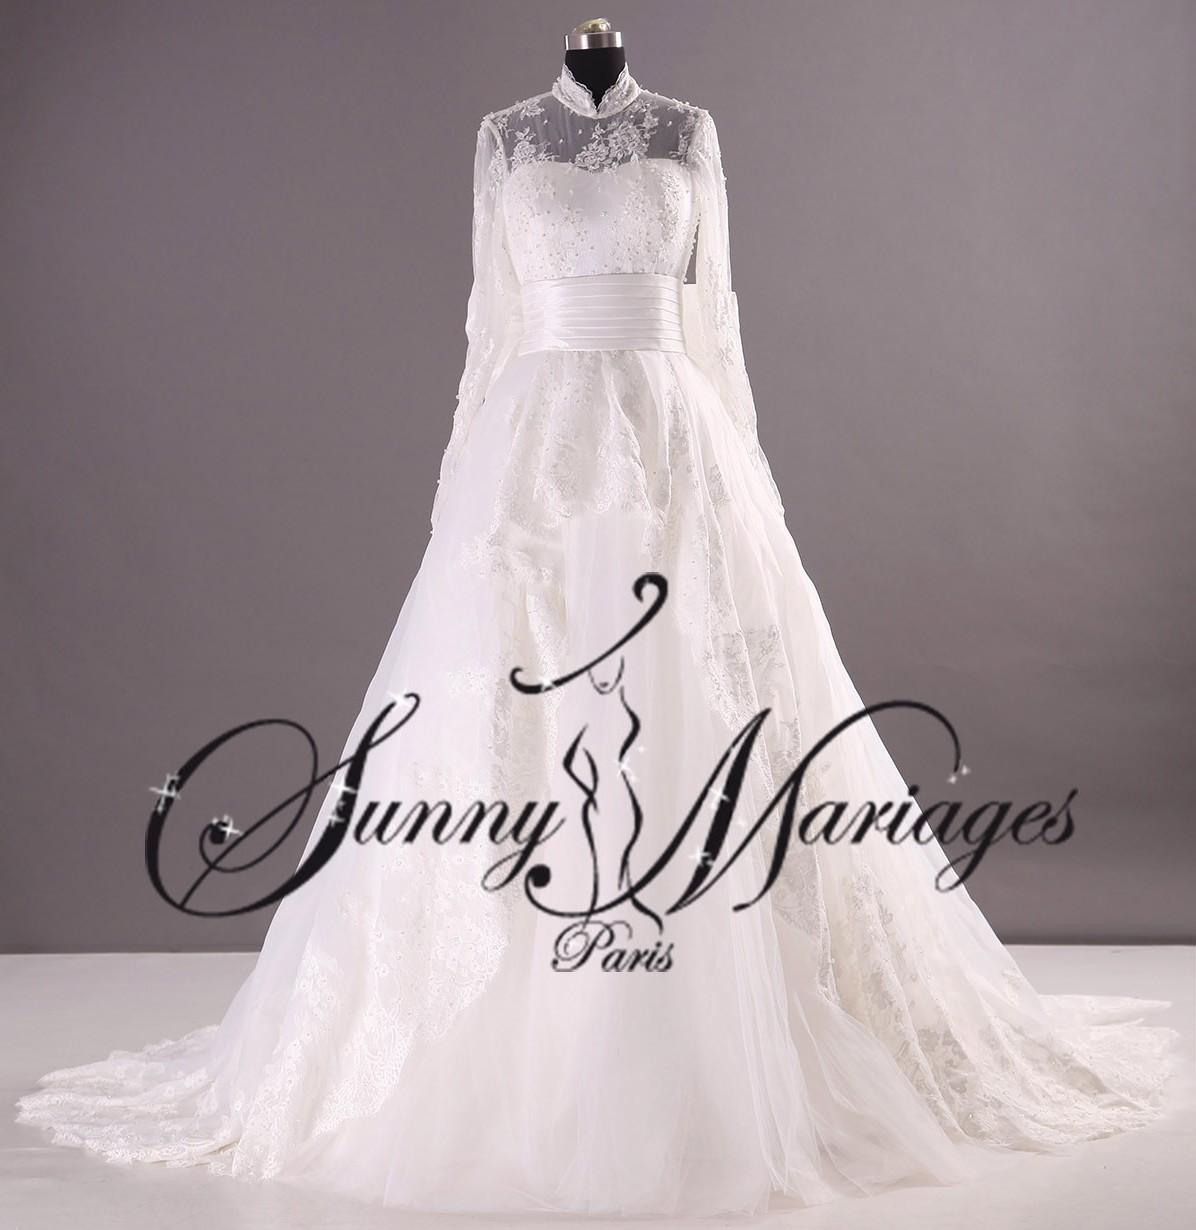 Robe mariee manche longue en dentelle plumetis et col montant sunny mariage - Robe de mariee manche longue dentelle ...